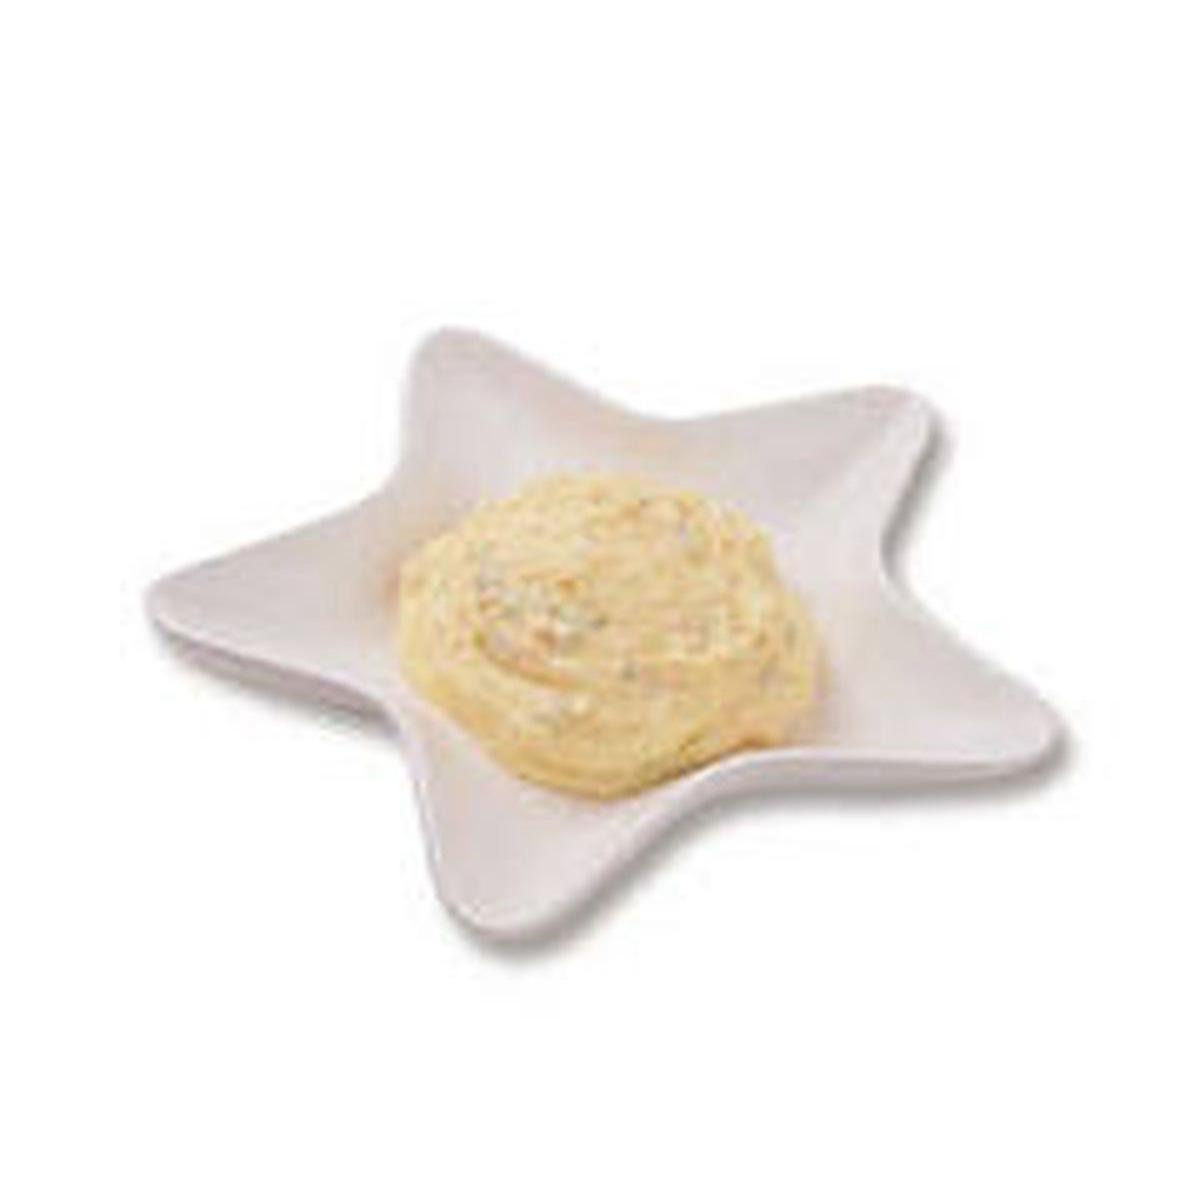 食譜:蒜味奶油土司抹醬